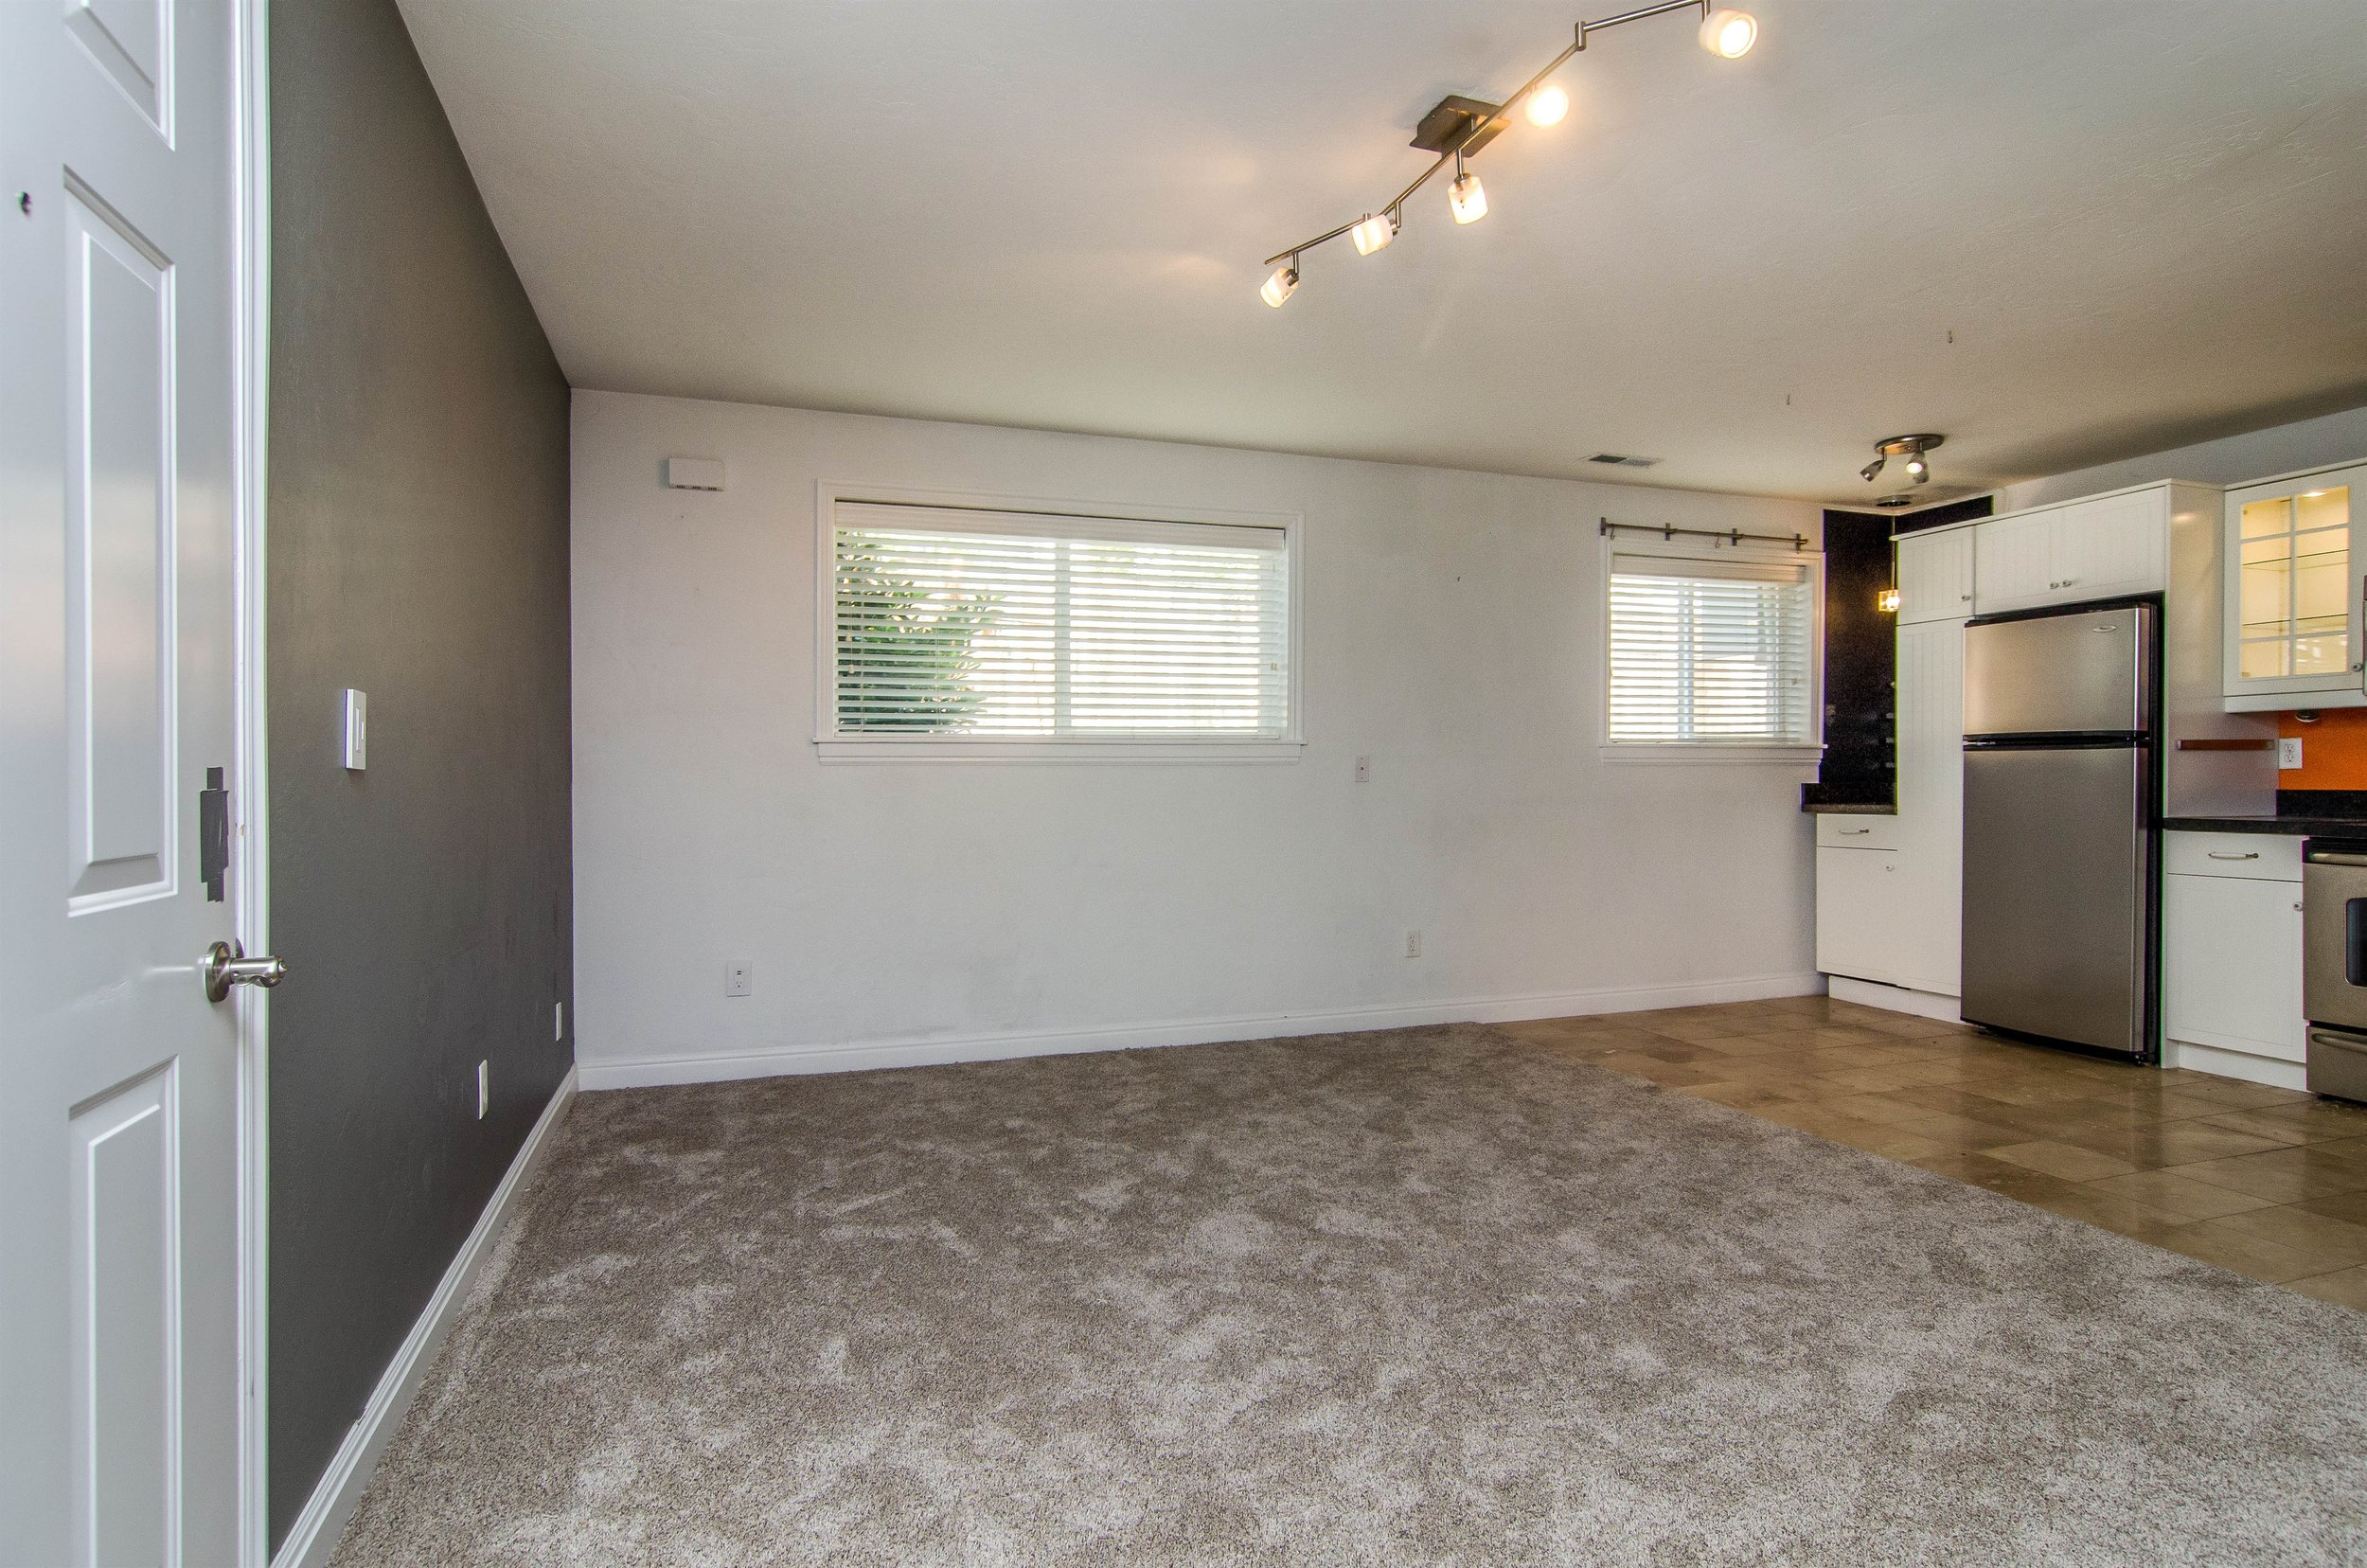 009_Living Room .jpg